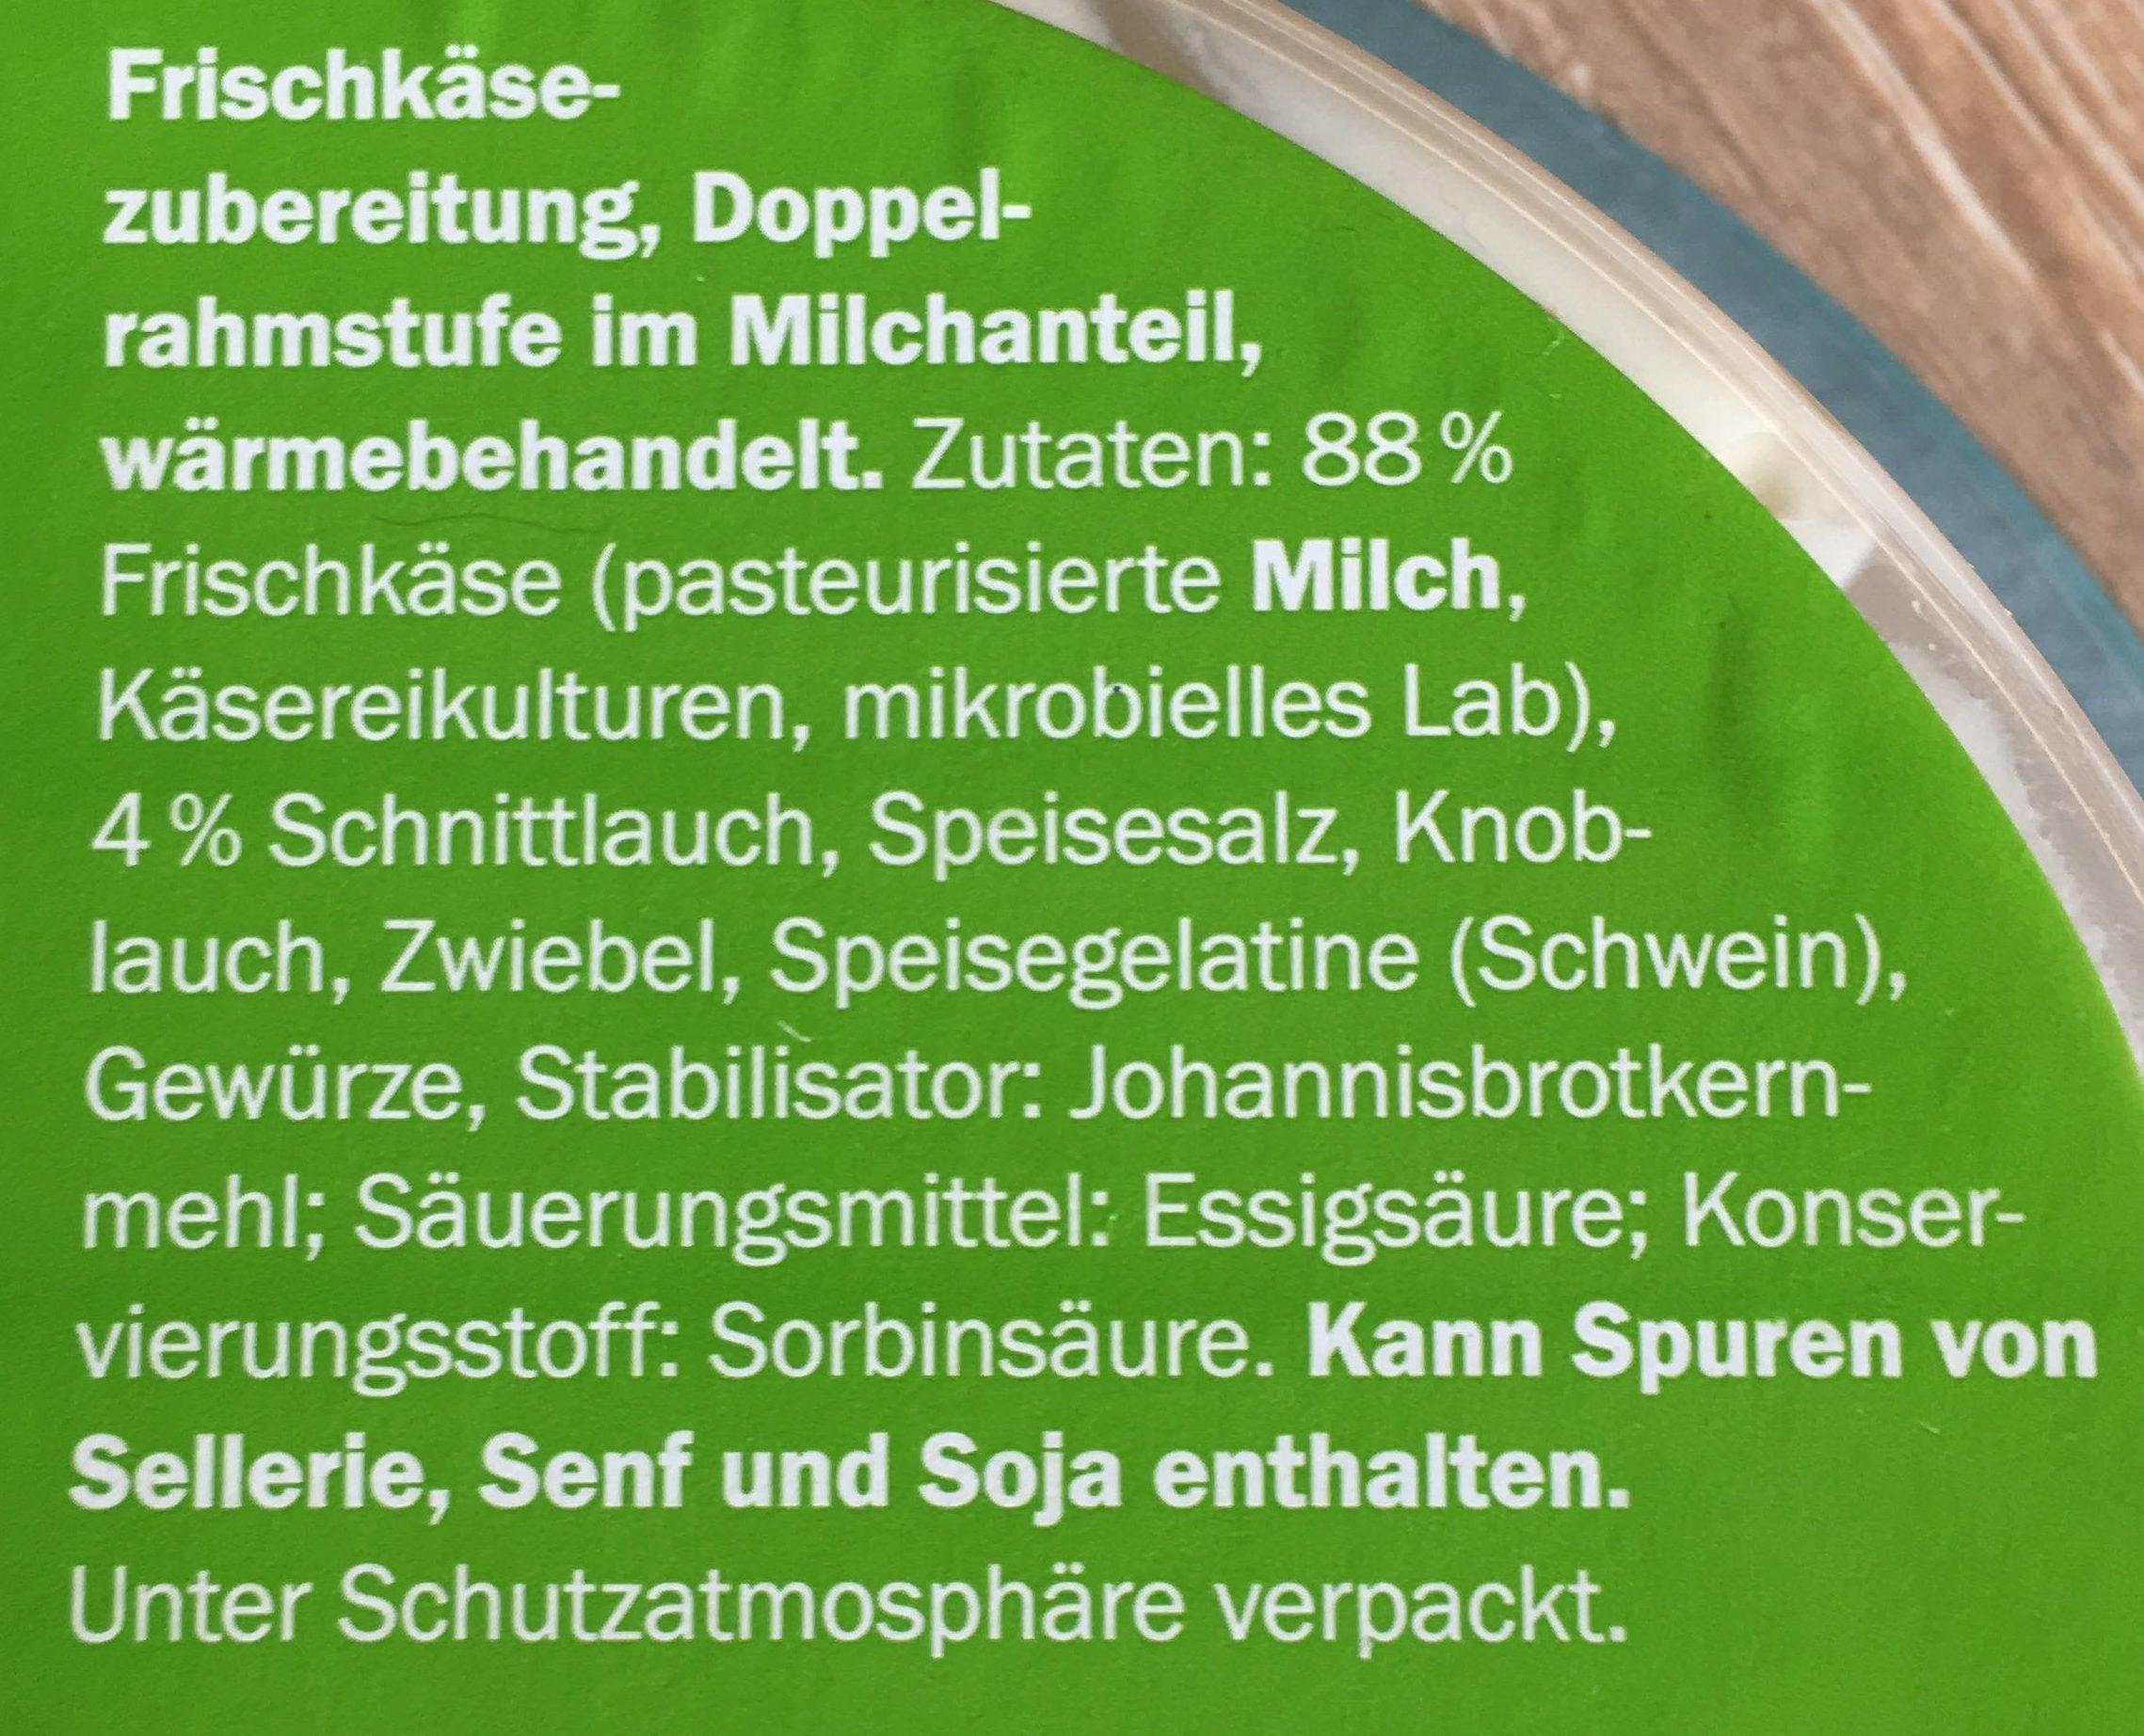 Schnittlauch Gartenfrisch - Ingredients